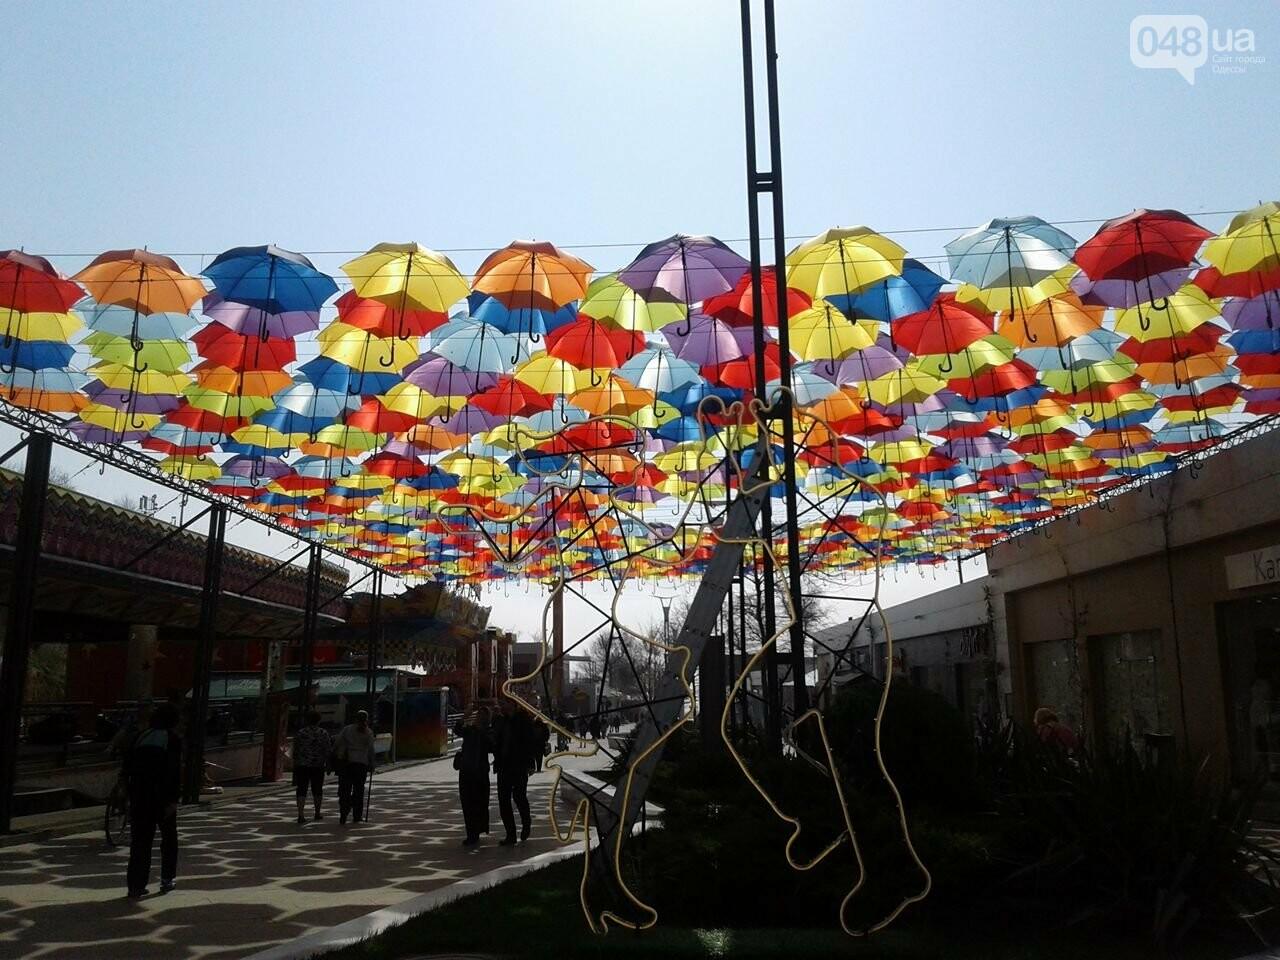 Одесскую Аркадию украсили разноцветные зонты: приходи фотографироваться (ФОТО), фото-1